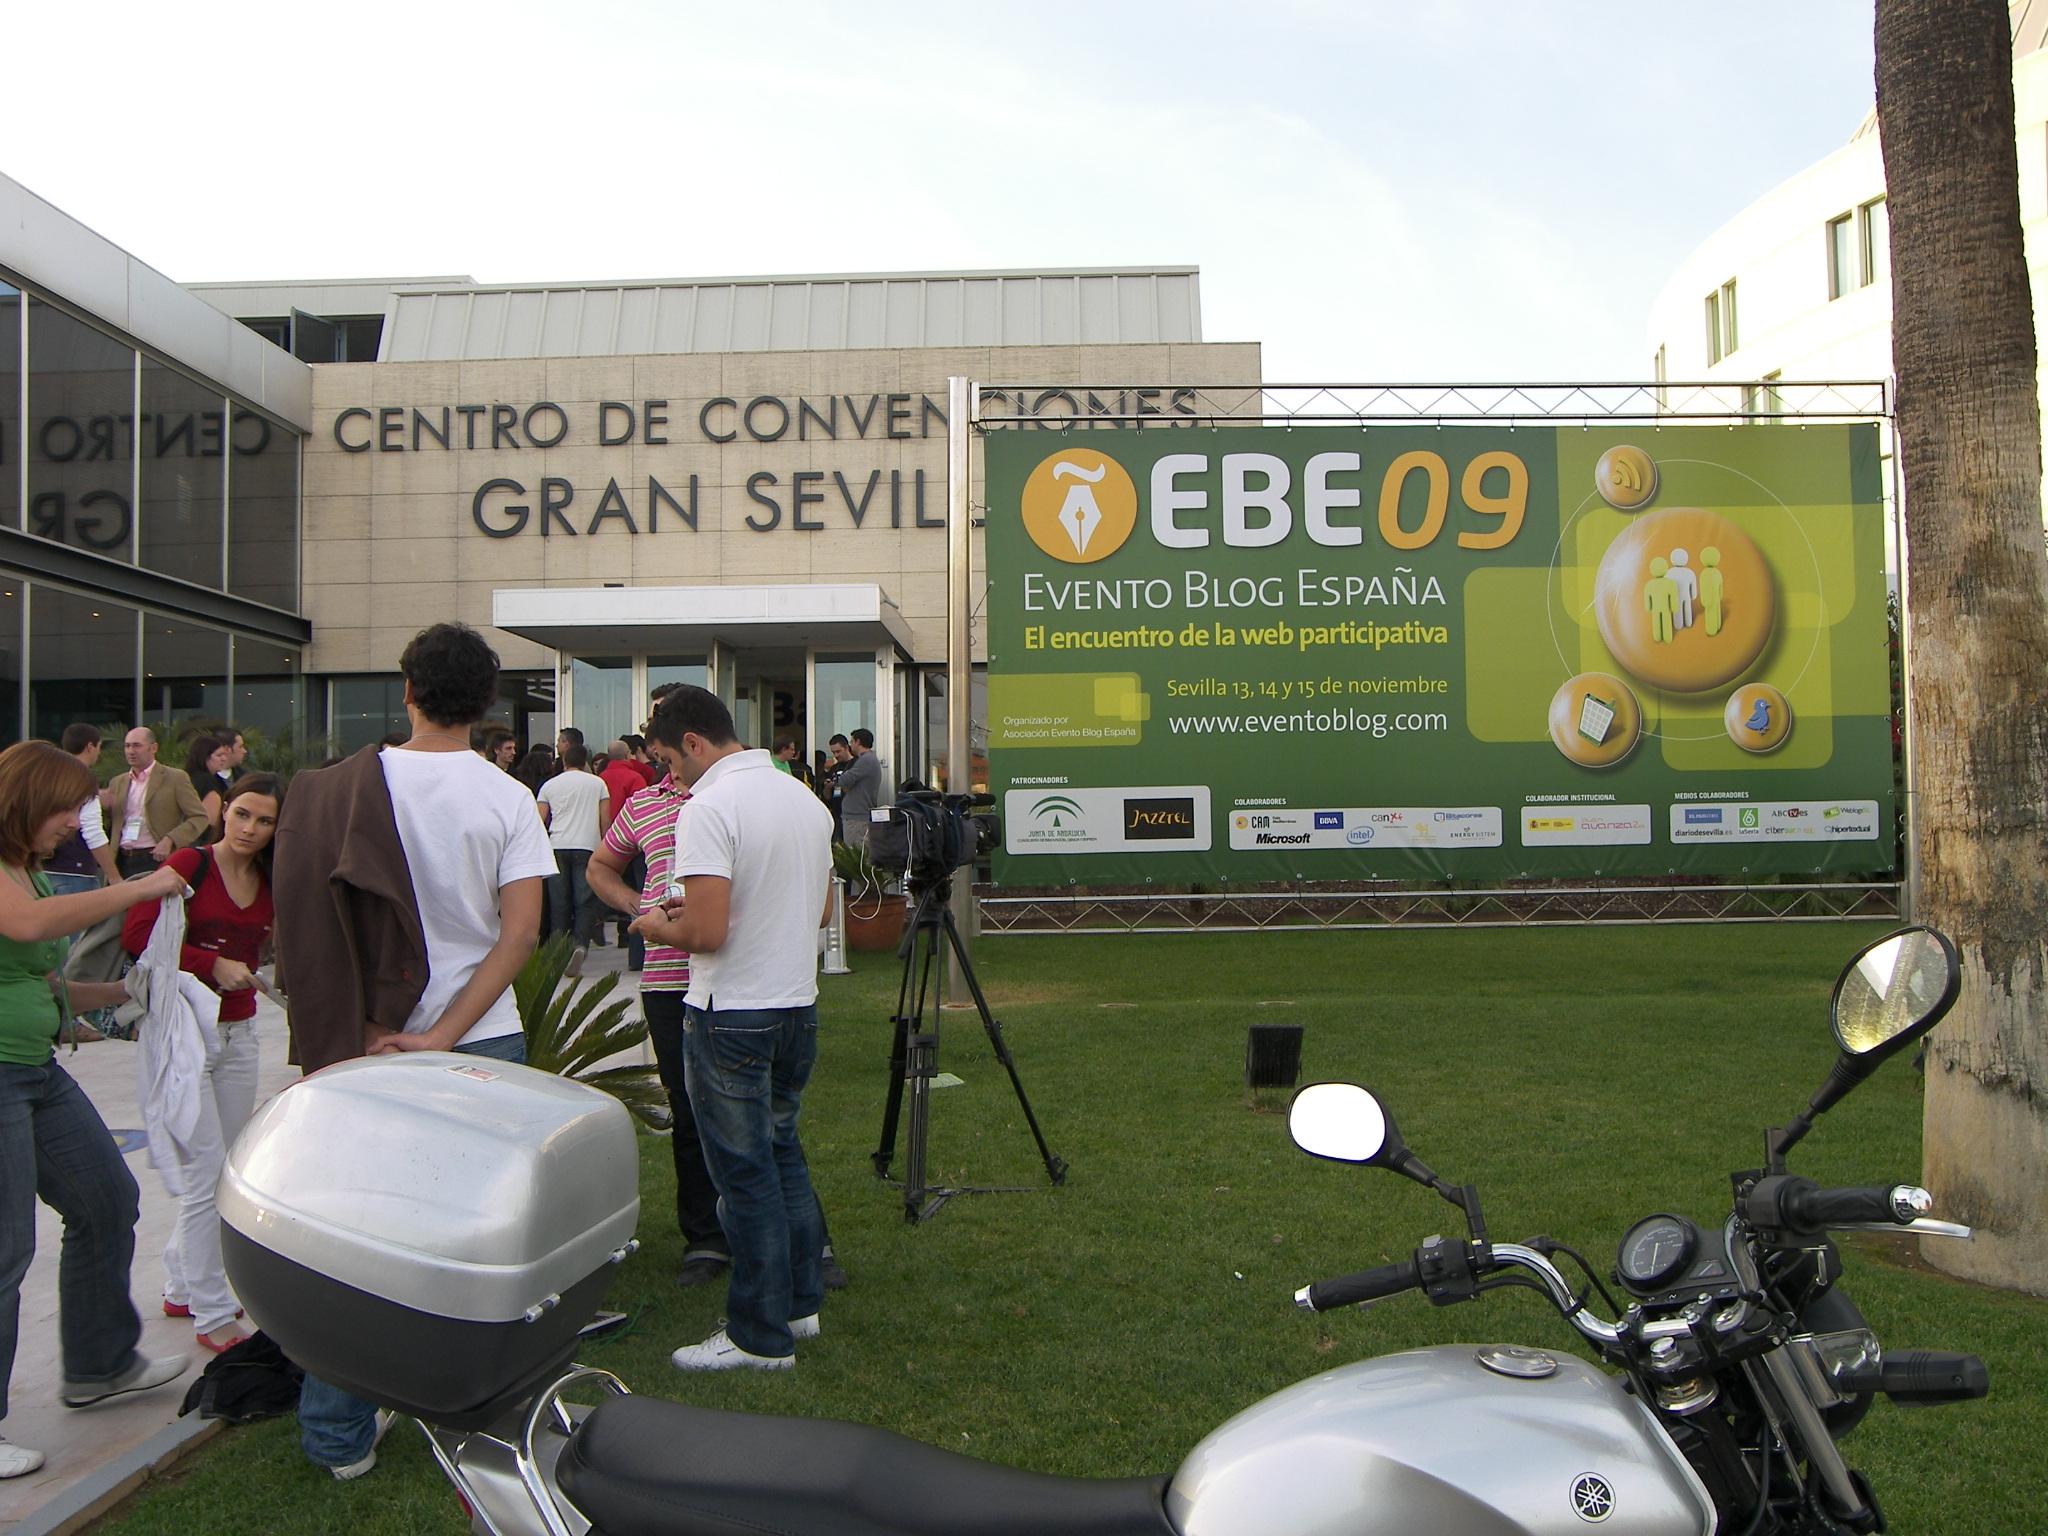 EBE09